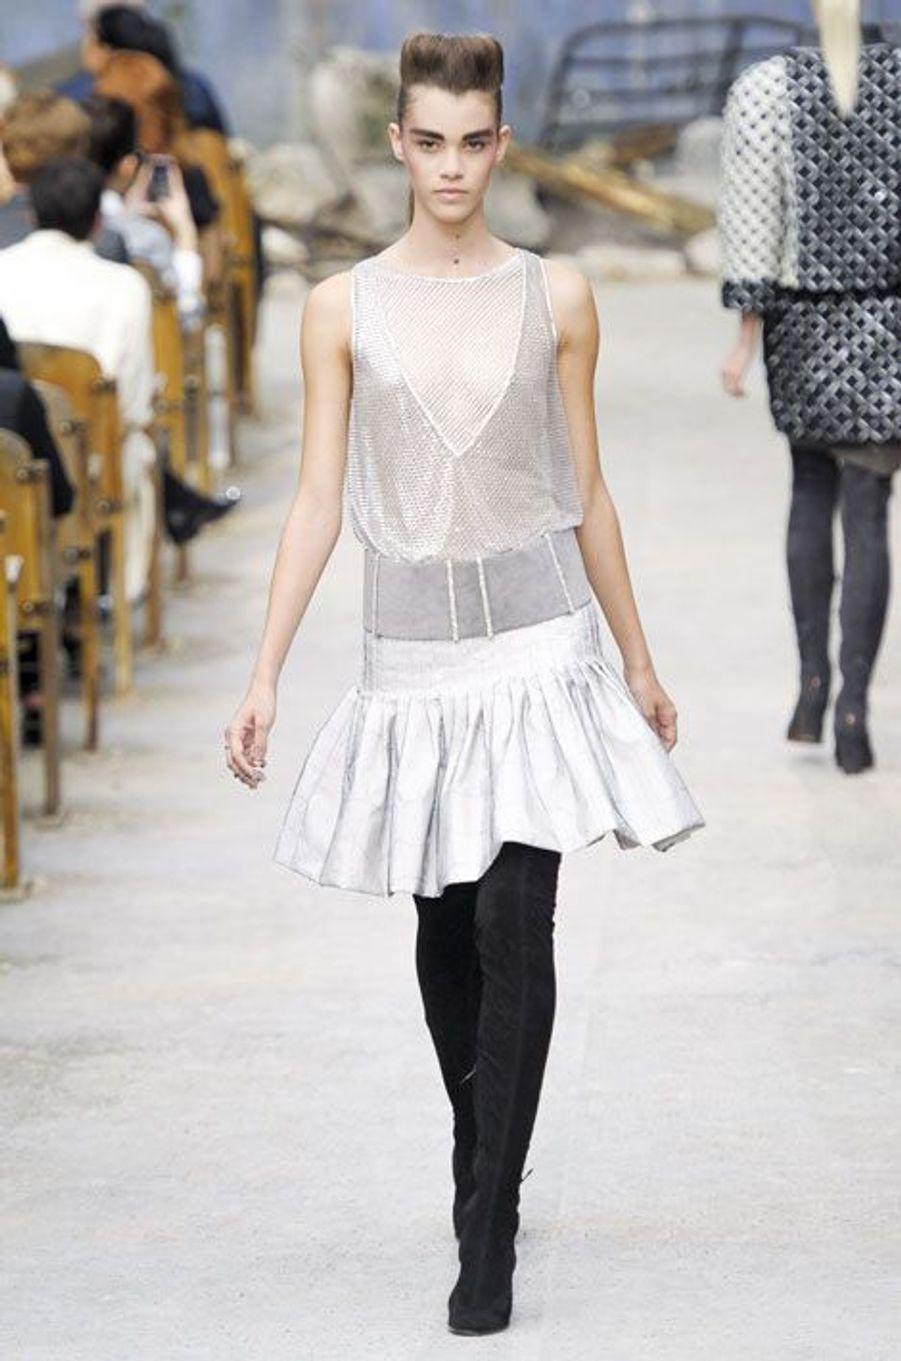 Le défilé Chanel Haute Couture automne-hiver 2013-2014 à Paris